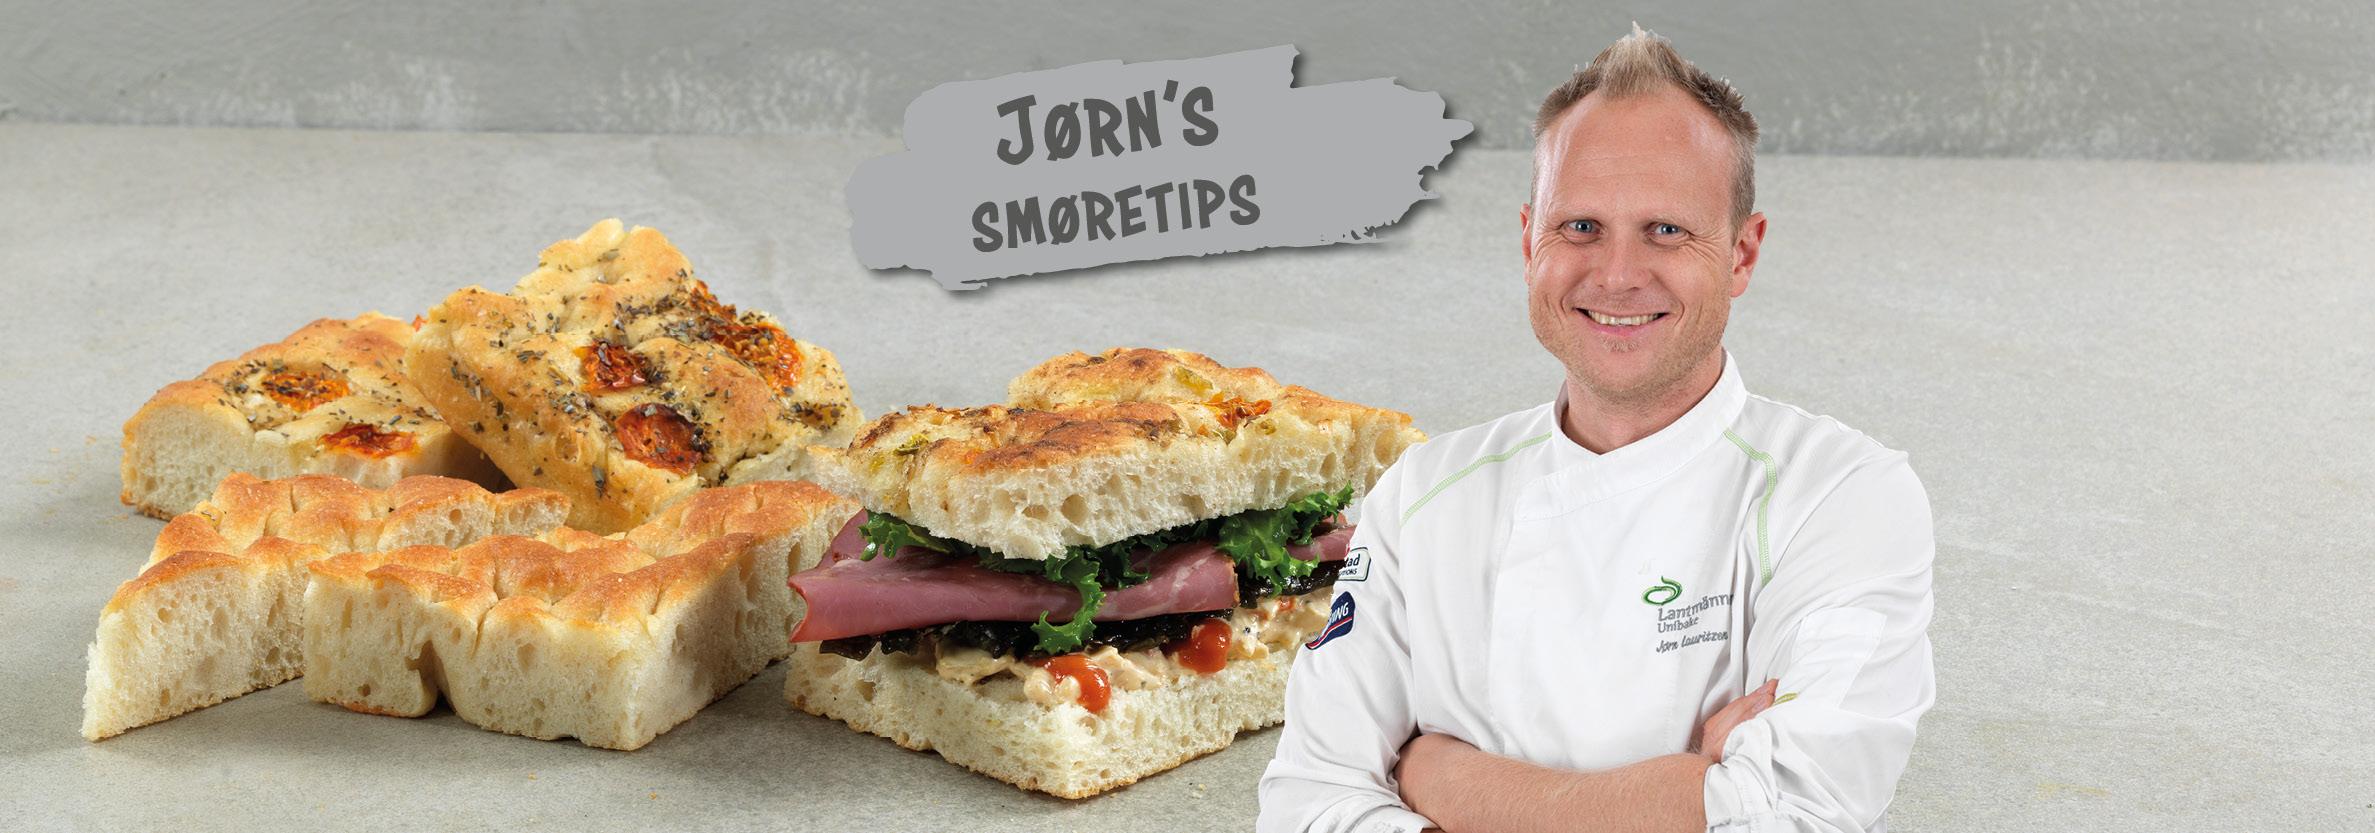 Vår egen kokk Jørn Lauritzen deler tips og inspirasjon til hvordan focaccia kan serveres som sandwich